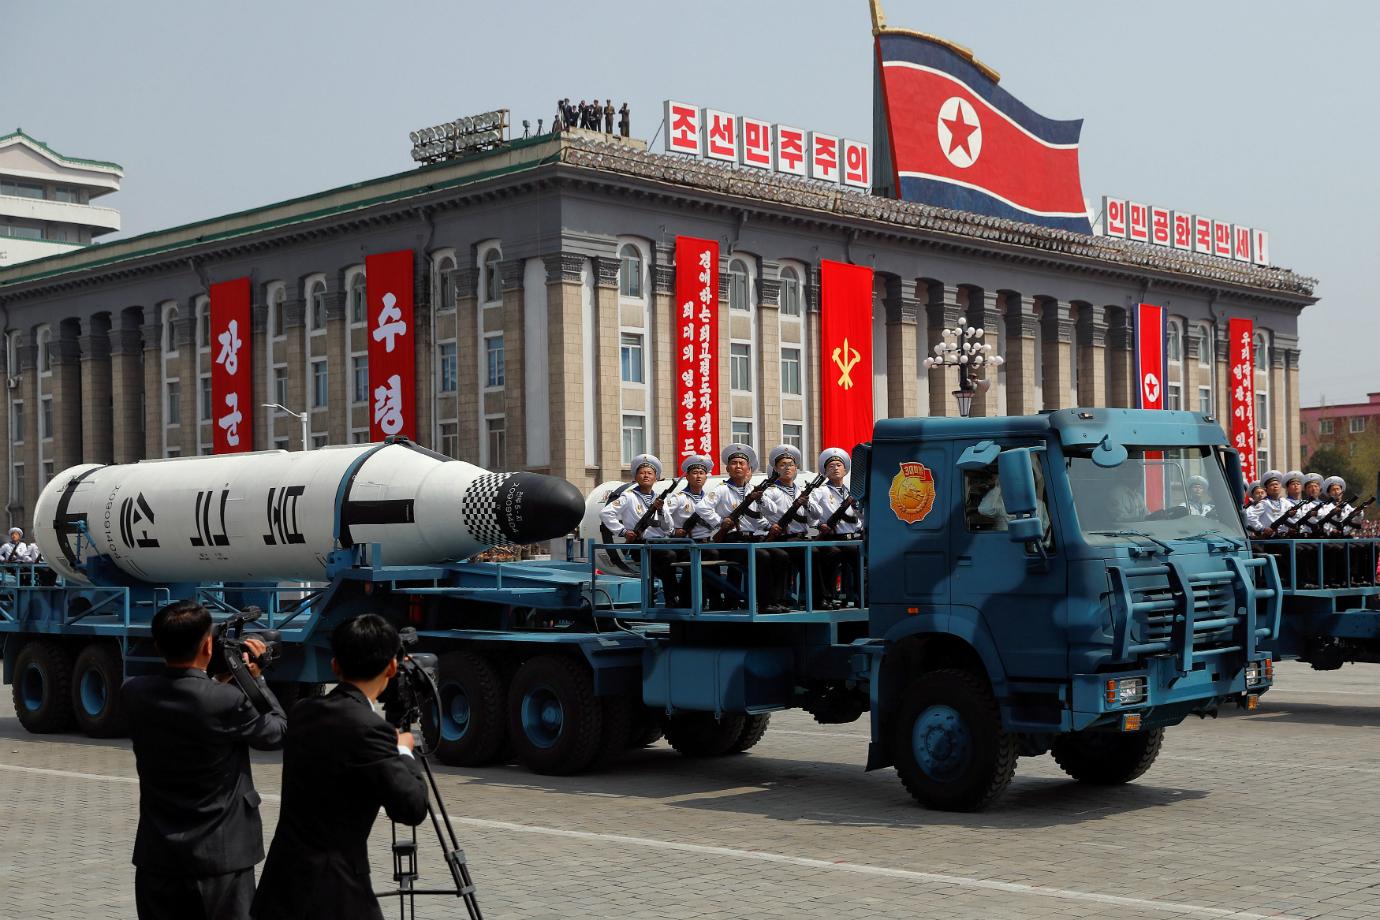 Desfile militar na Coreia do Norte (Fonte: Damir Sagolj/Reuters - Reprodução)